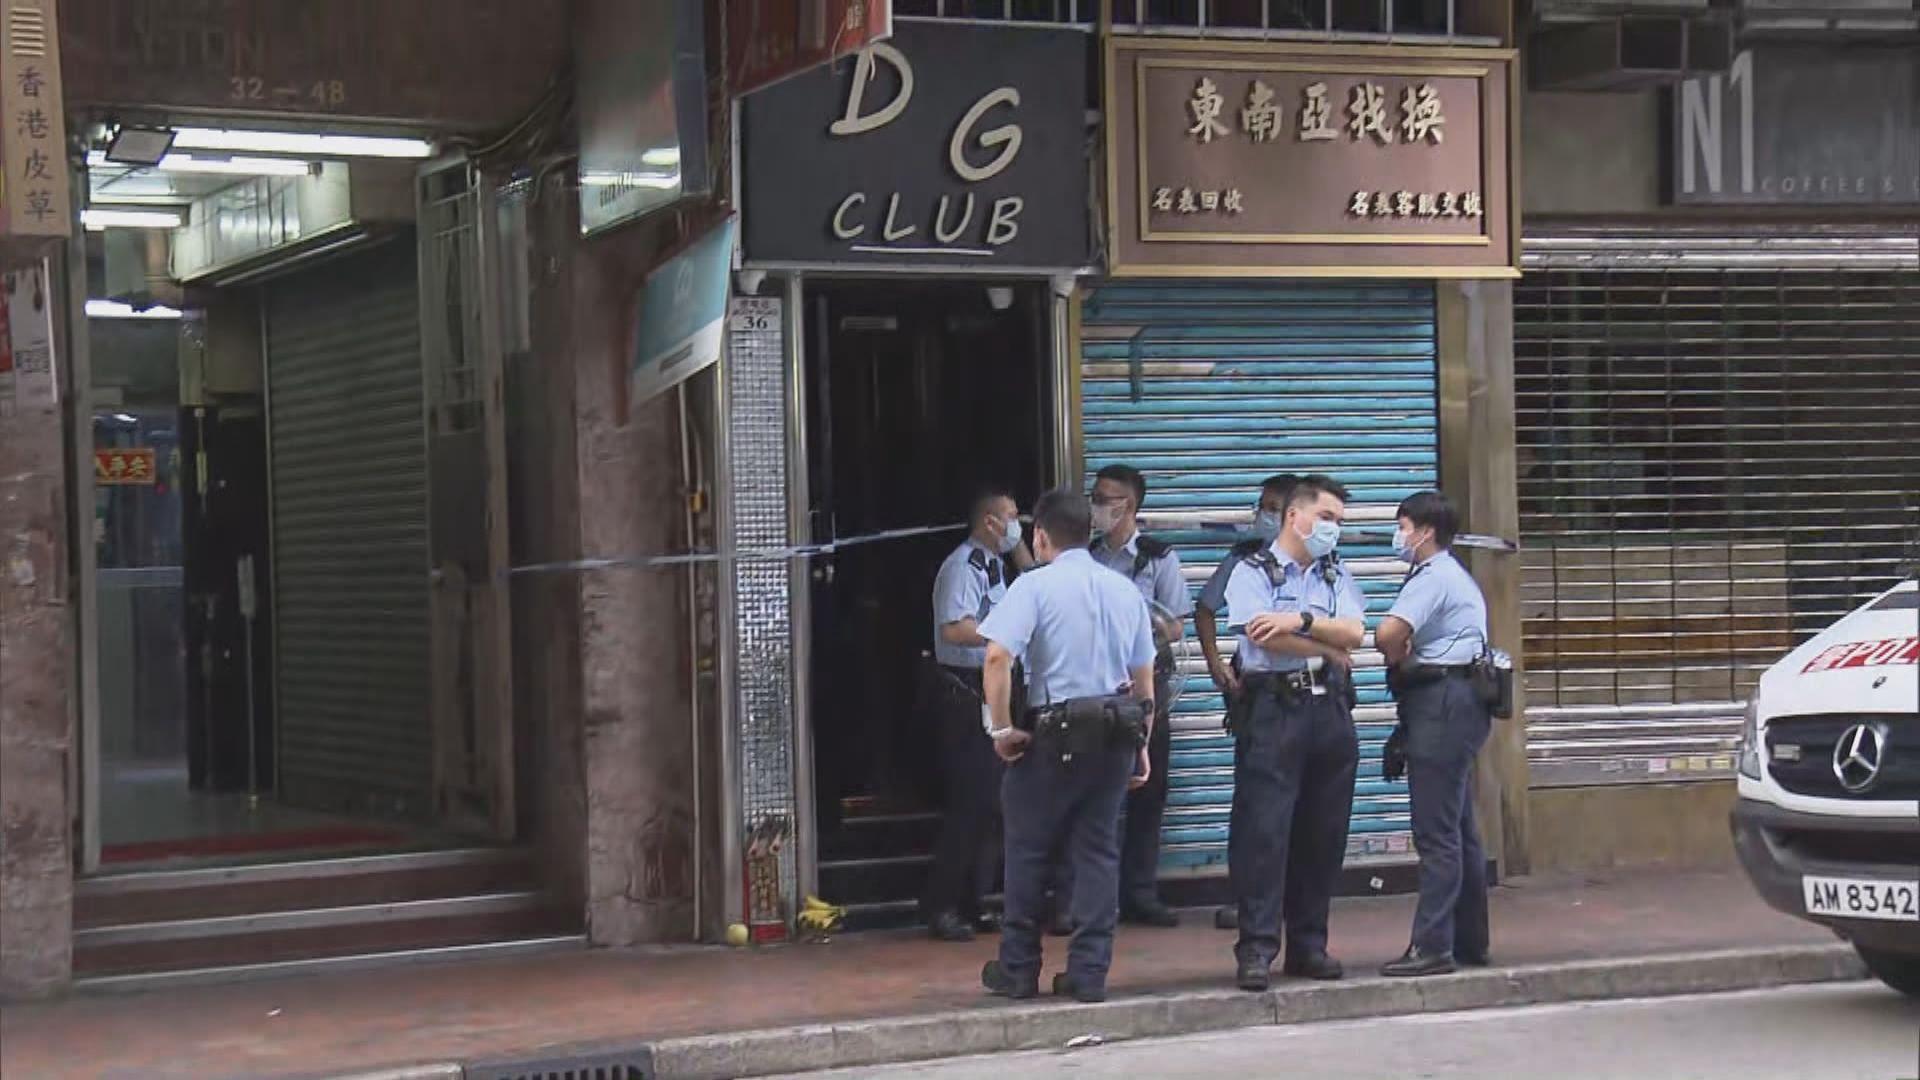 尖沙咀一間酒吧涉嫌違反禁聚令